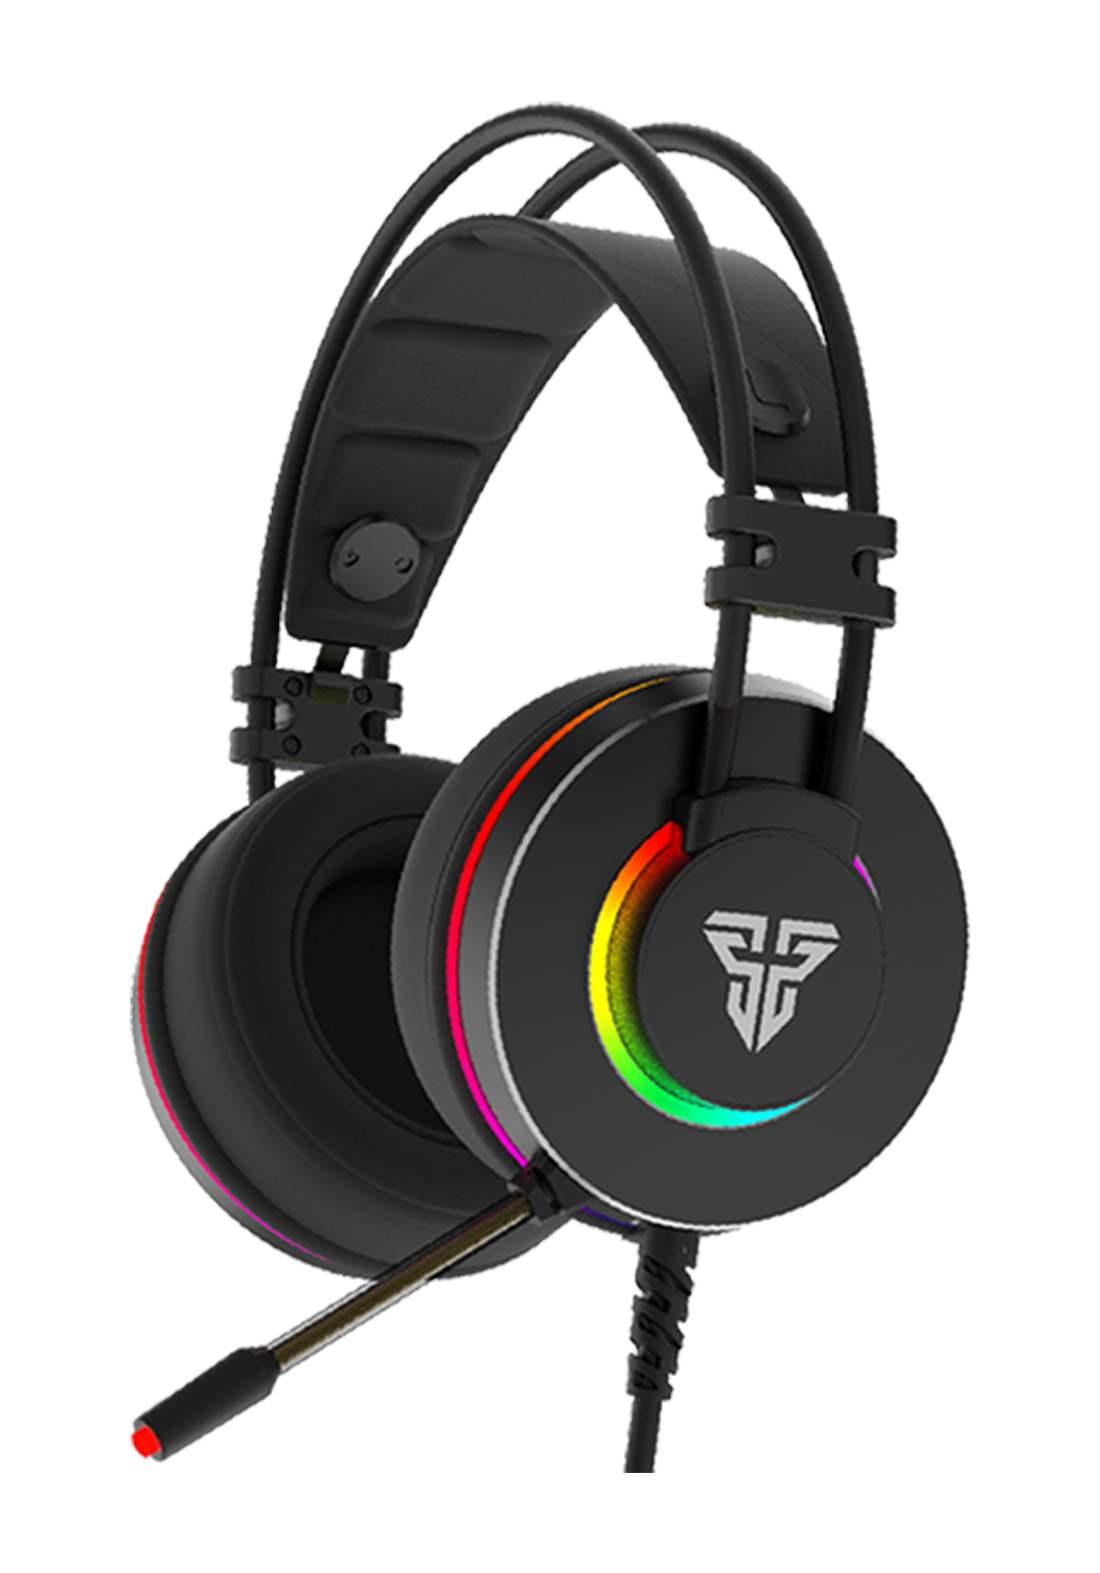 Fantech Octane HG23 Virtual 7.1 Surround Gaming Headset - Black سماعة سلكية